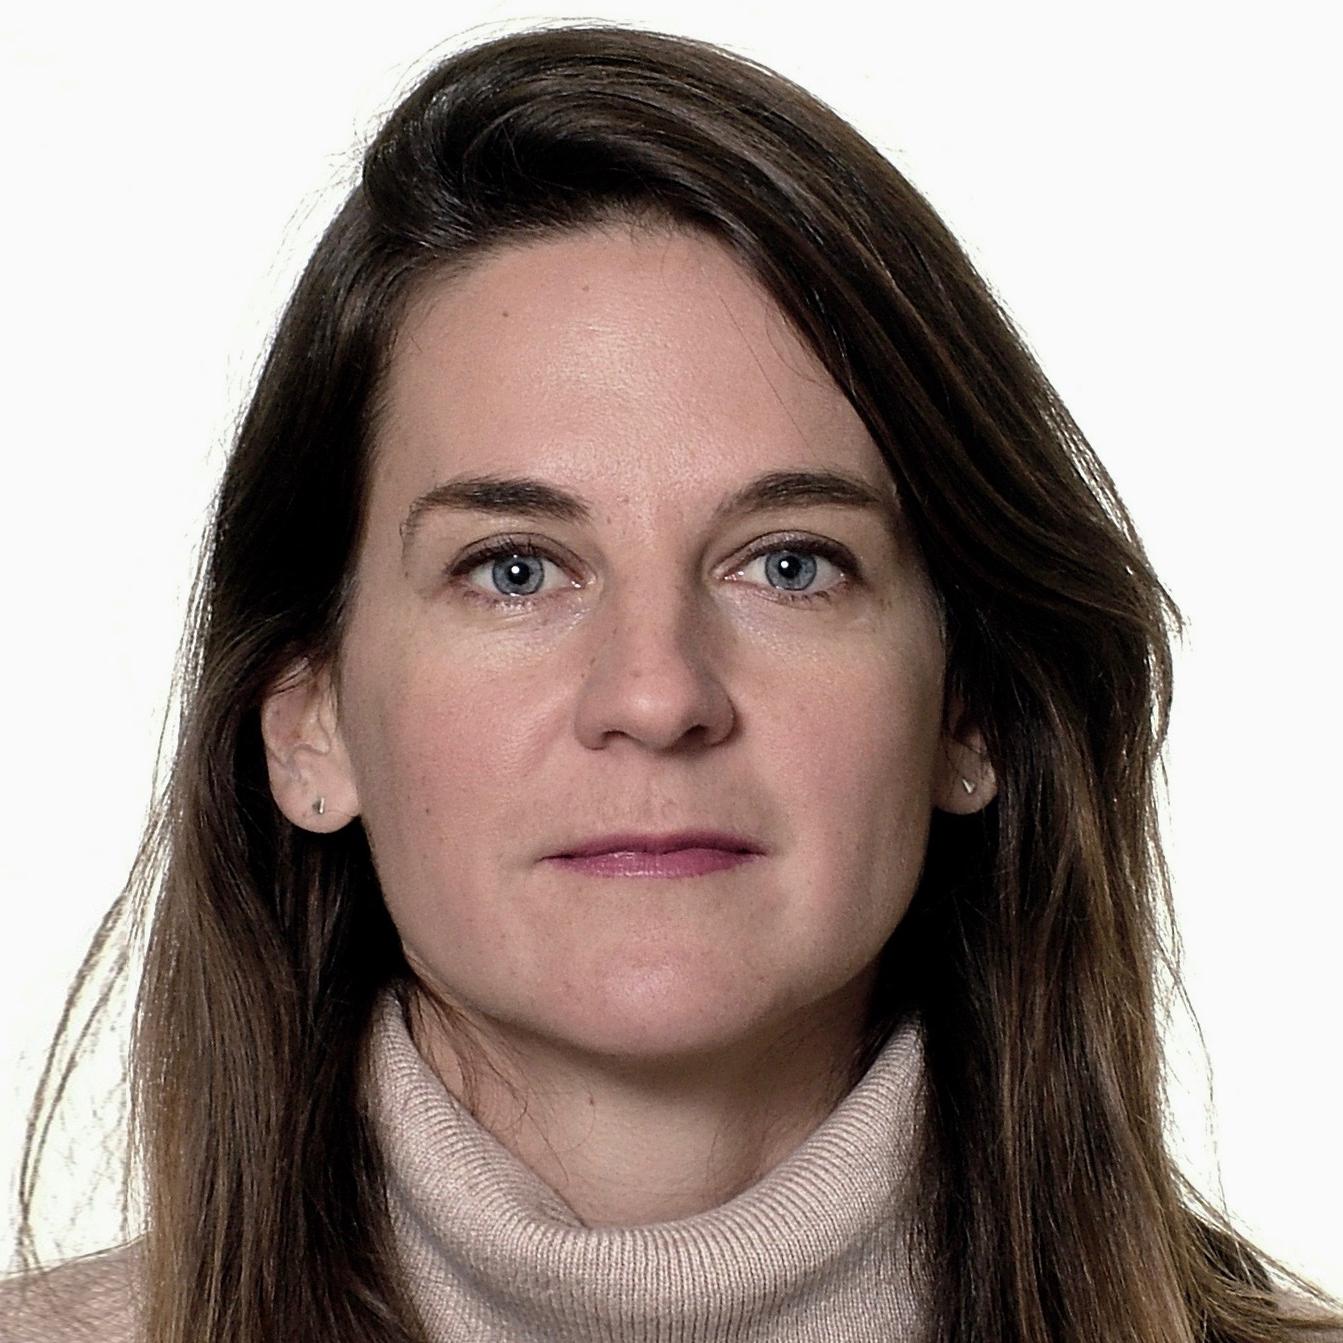 Dina Stevanovic